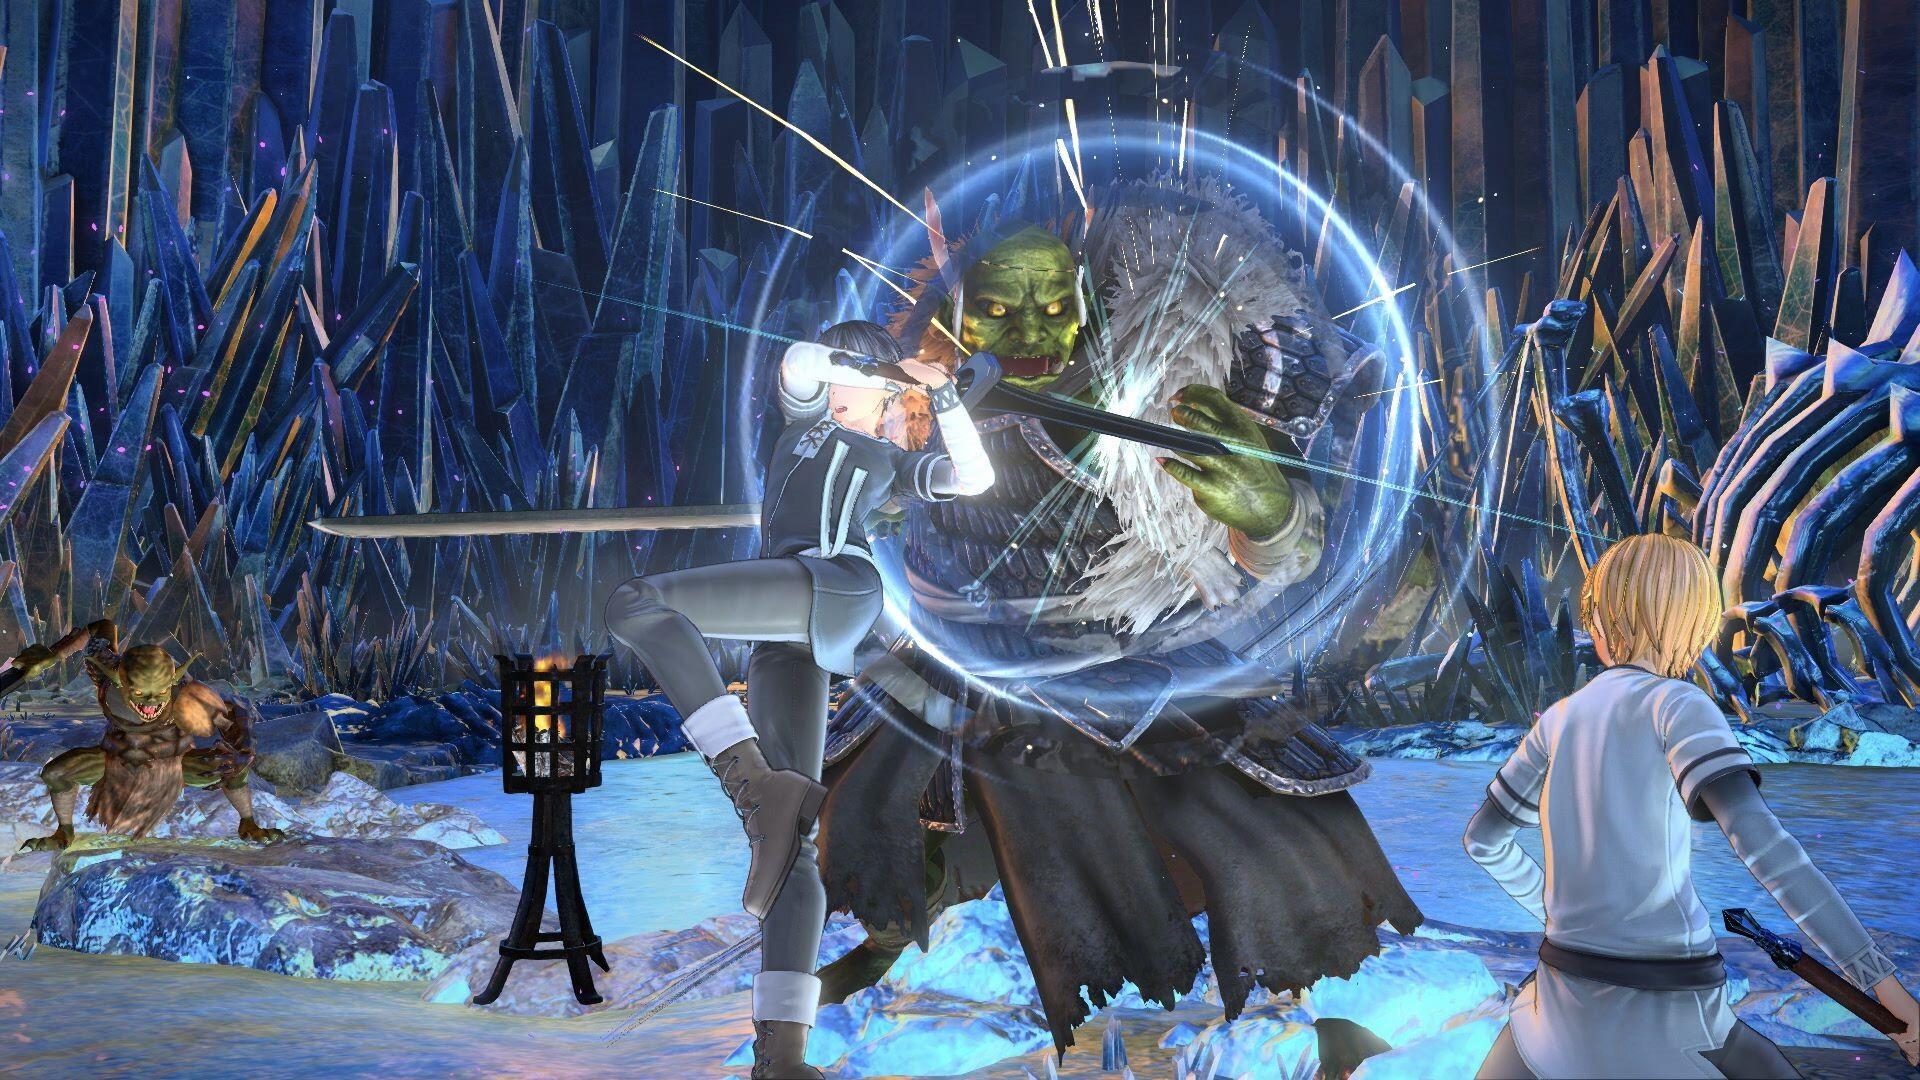 刀剑神域:彼岸游境 SWORD ART ONLINE Alicization Lycoris 【新版v1.40】插图1